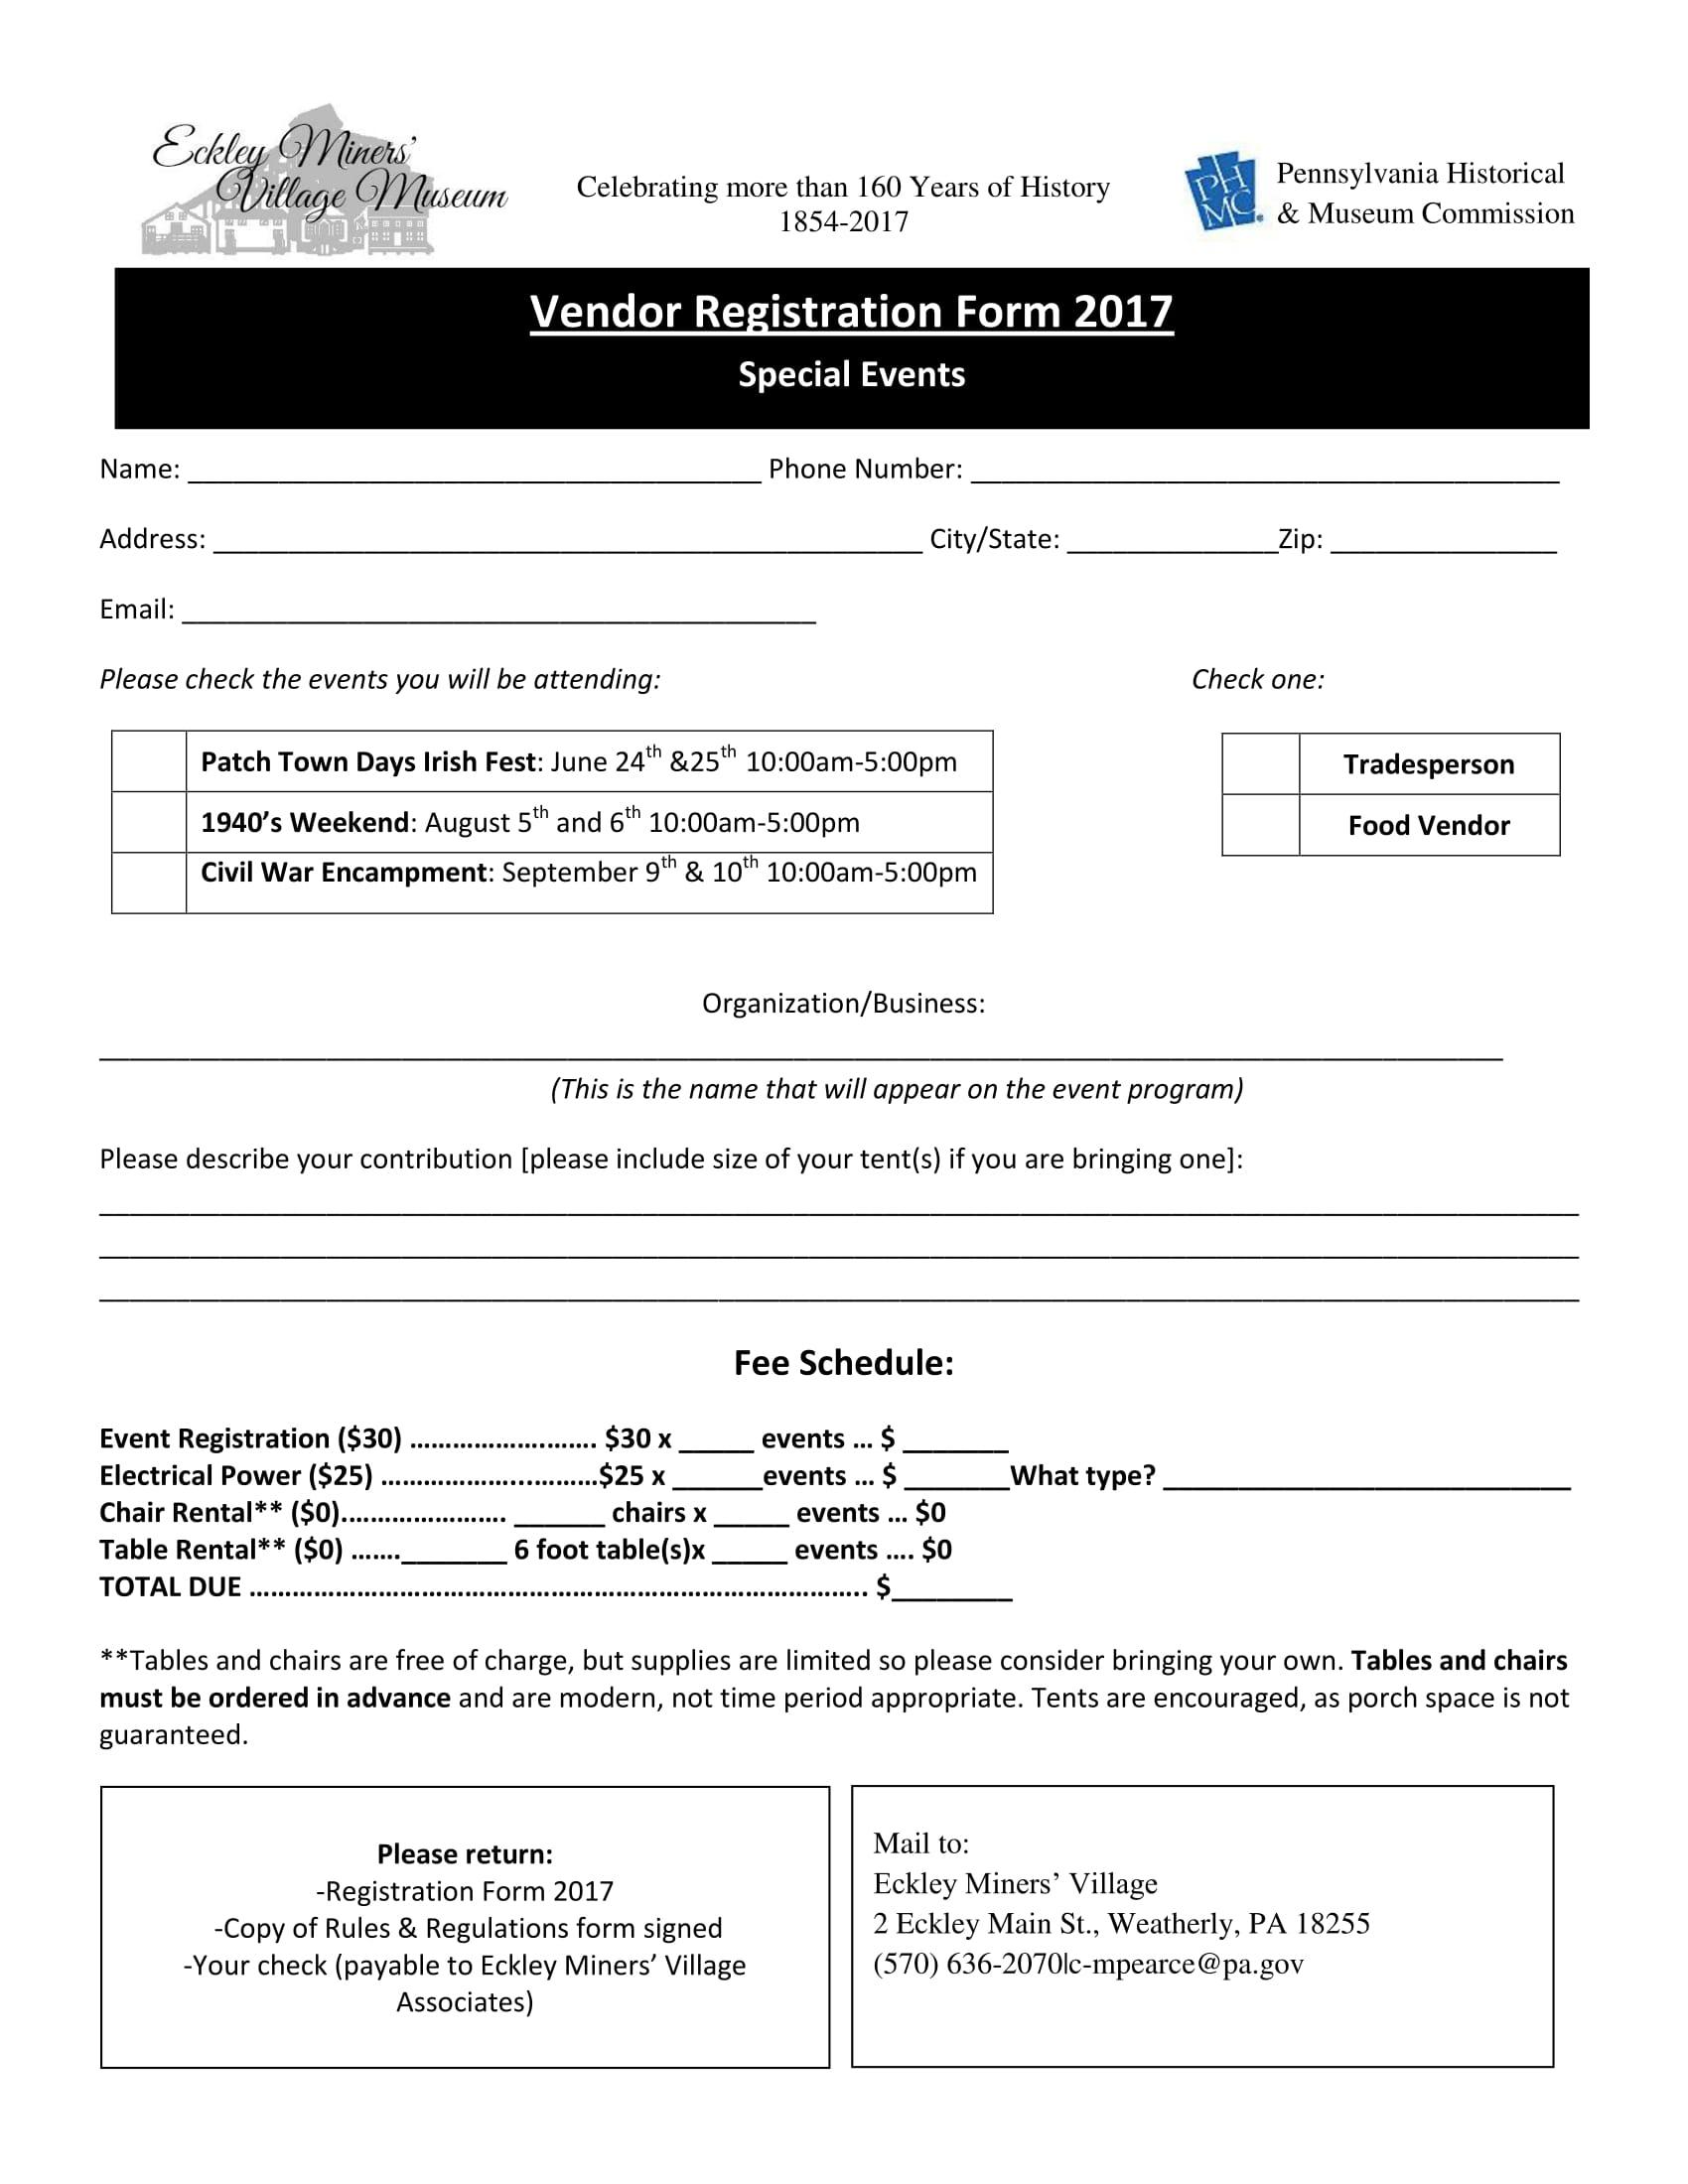 special event vendor registration form 1